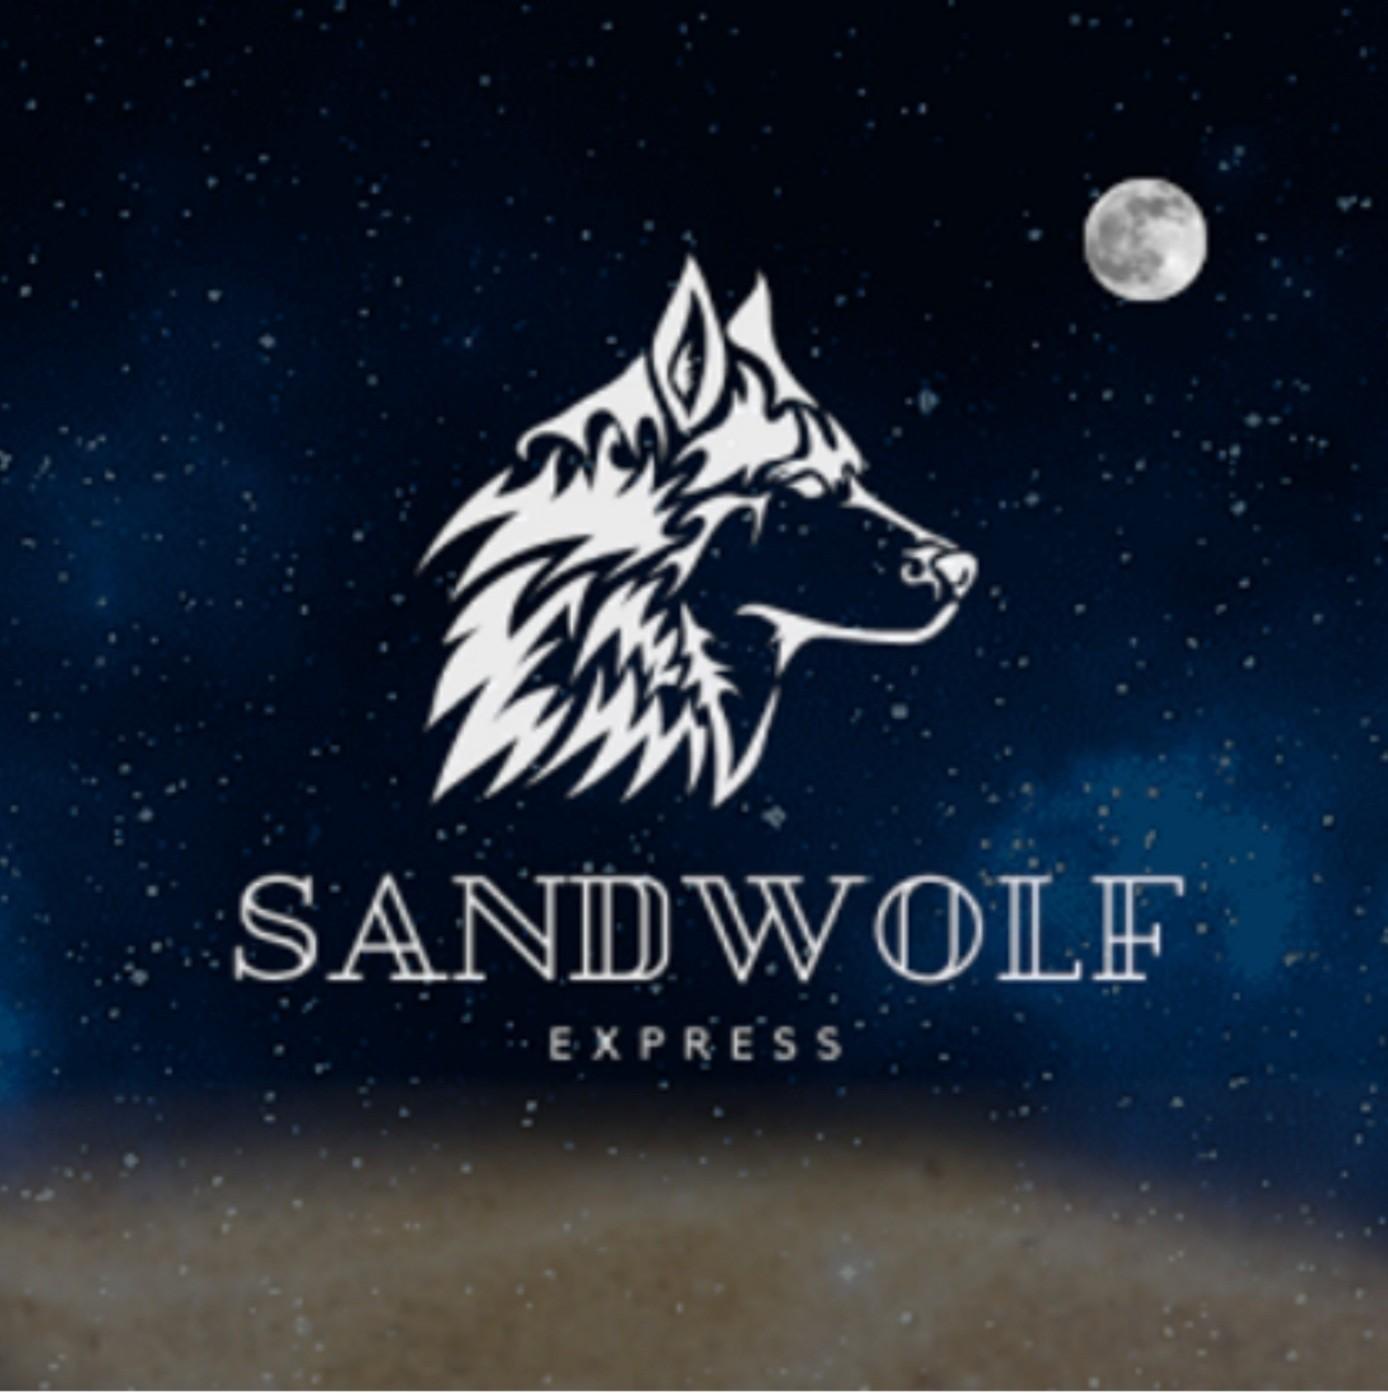 Sandwolf Express UG (haftungsbeschränkt)